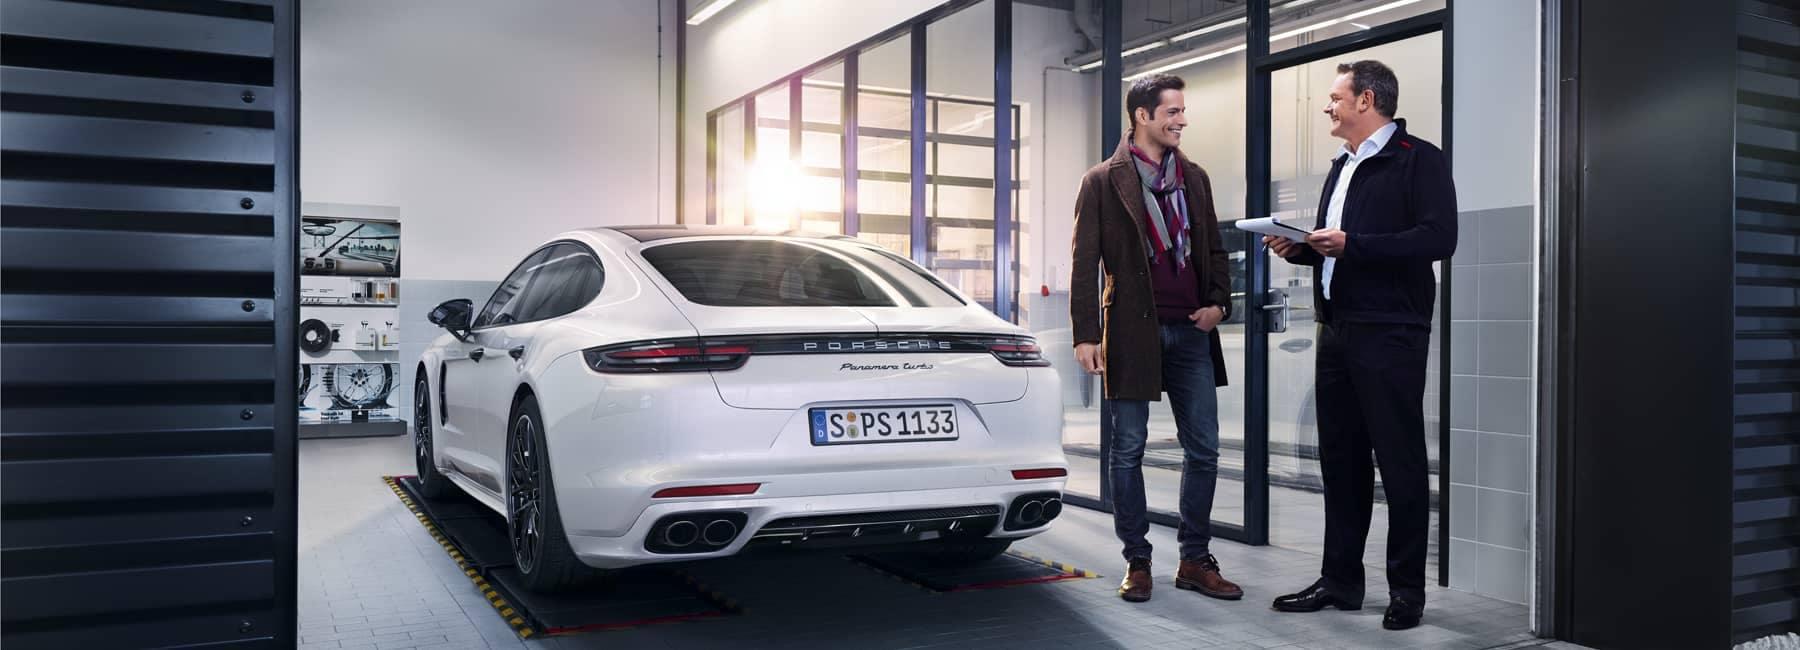 Porsche-Direct-Dialog-1